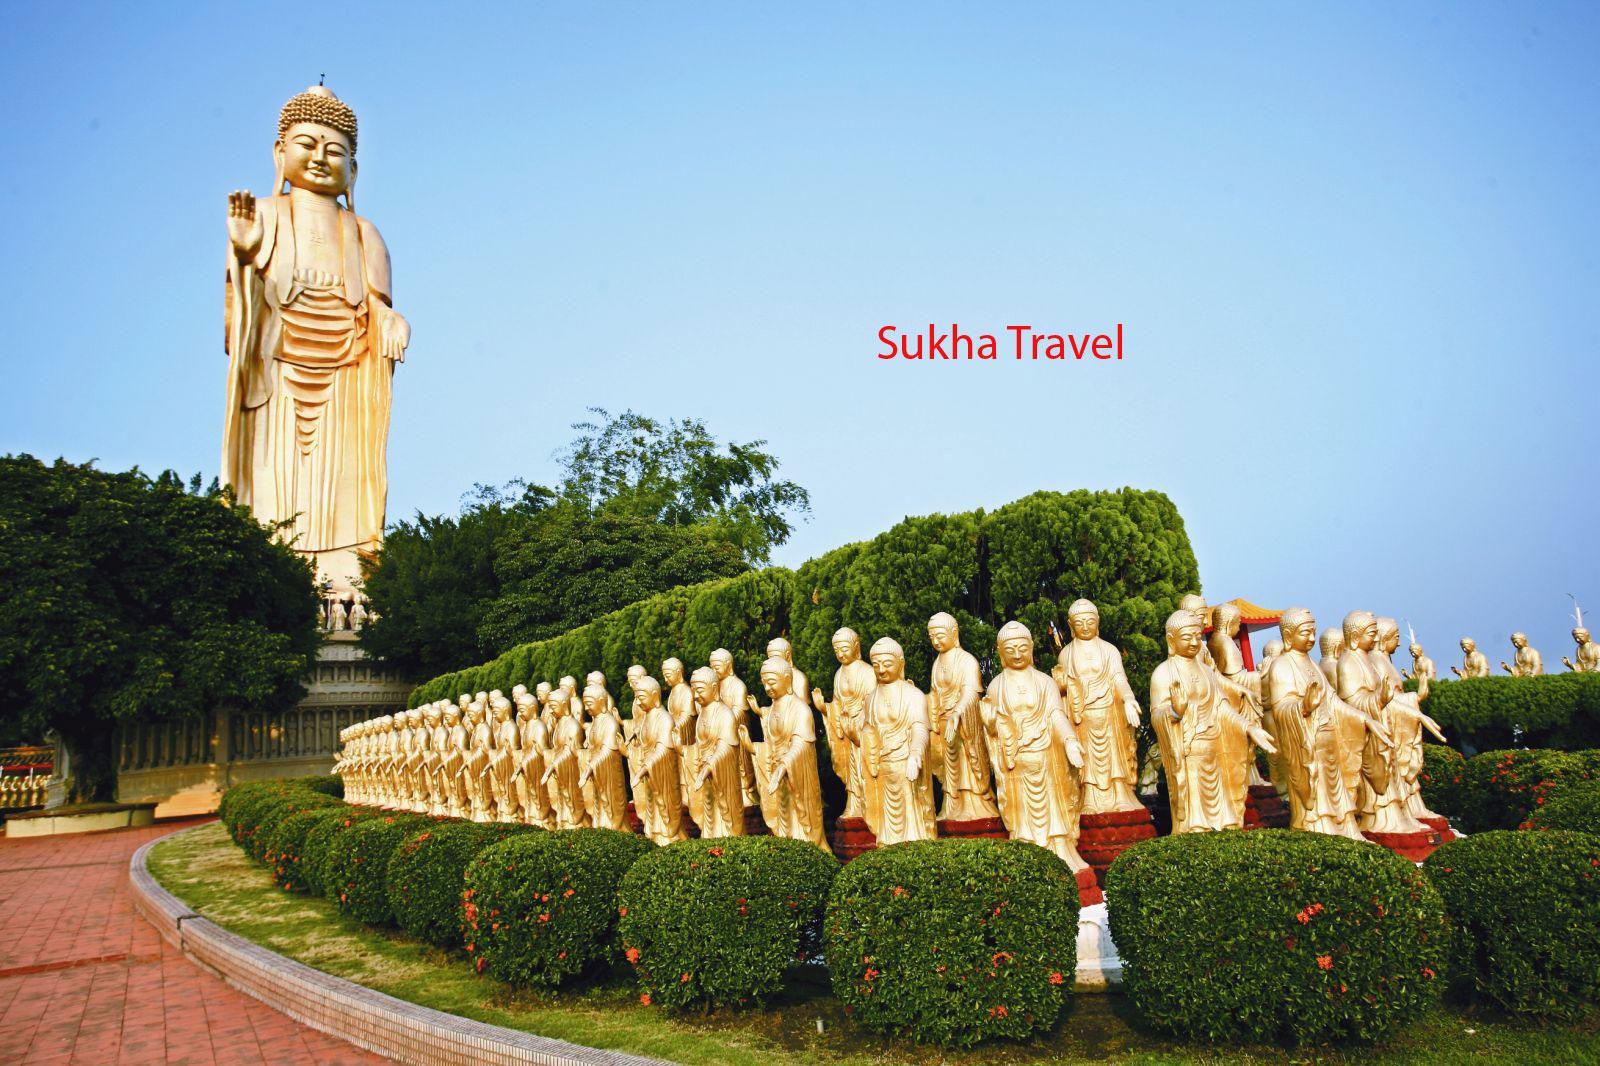 chua-phat-quang-son-dai-loan-sukha-travel